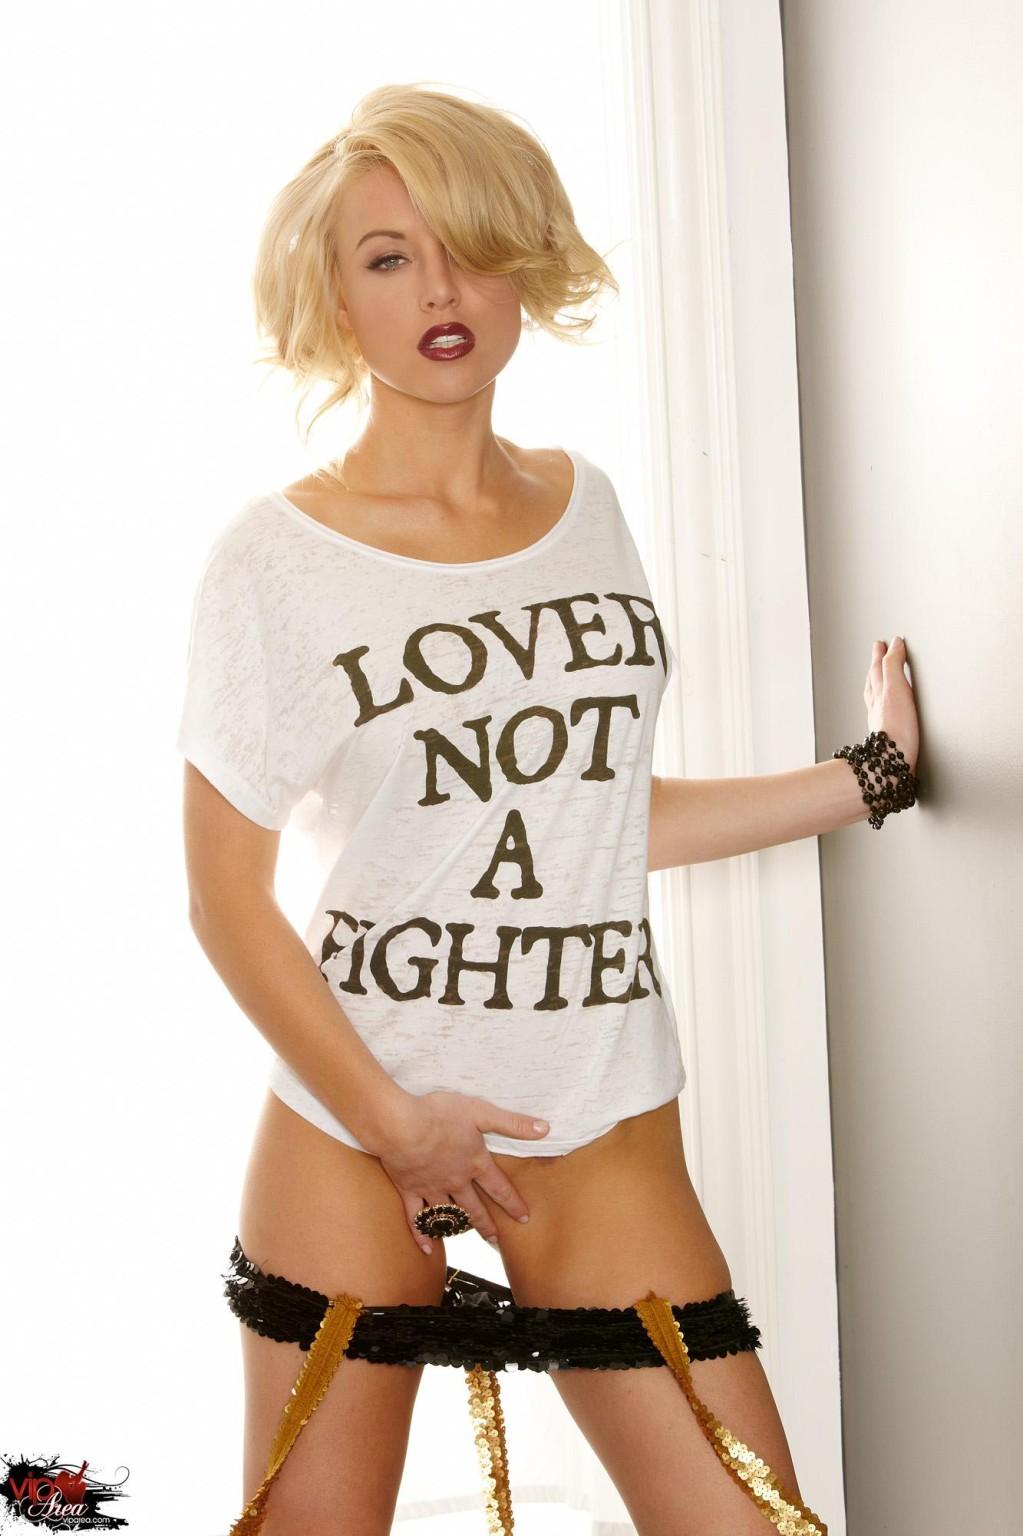 Кэйден Кросс - красивая блондинка, которая раздевается перед камерой и показывает точеную фигурку